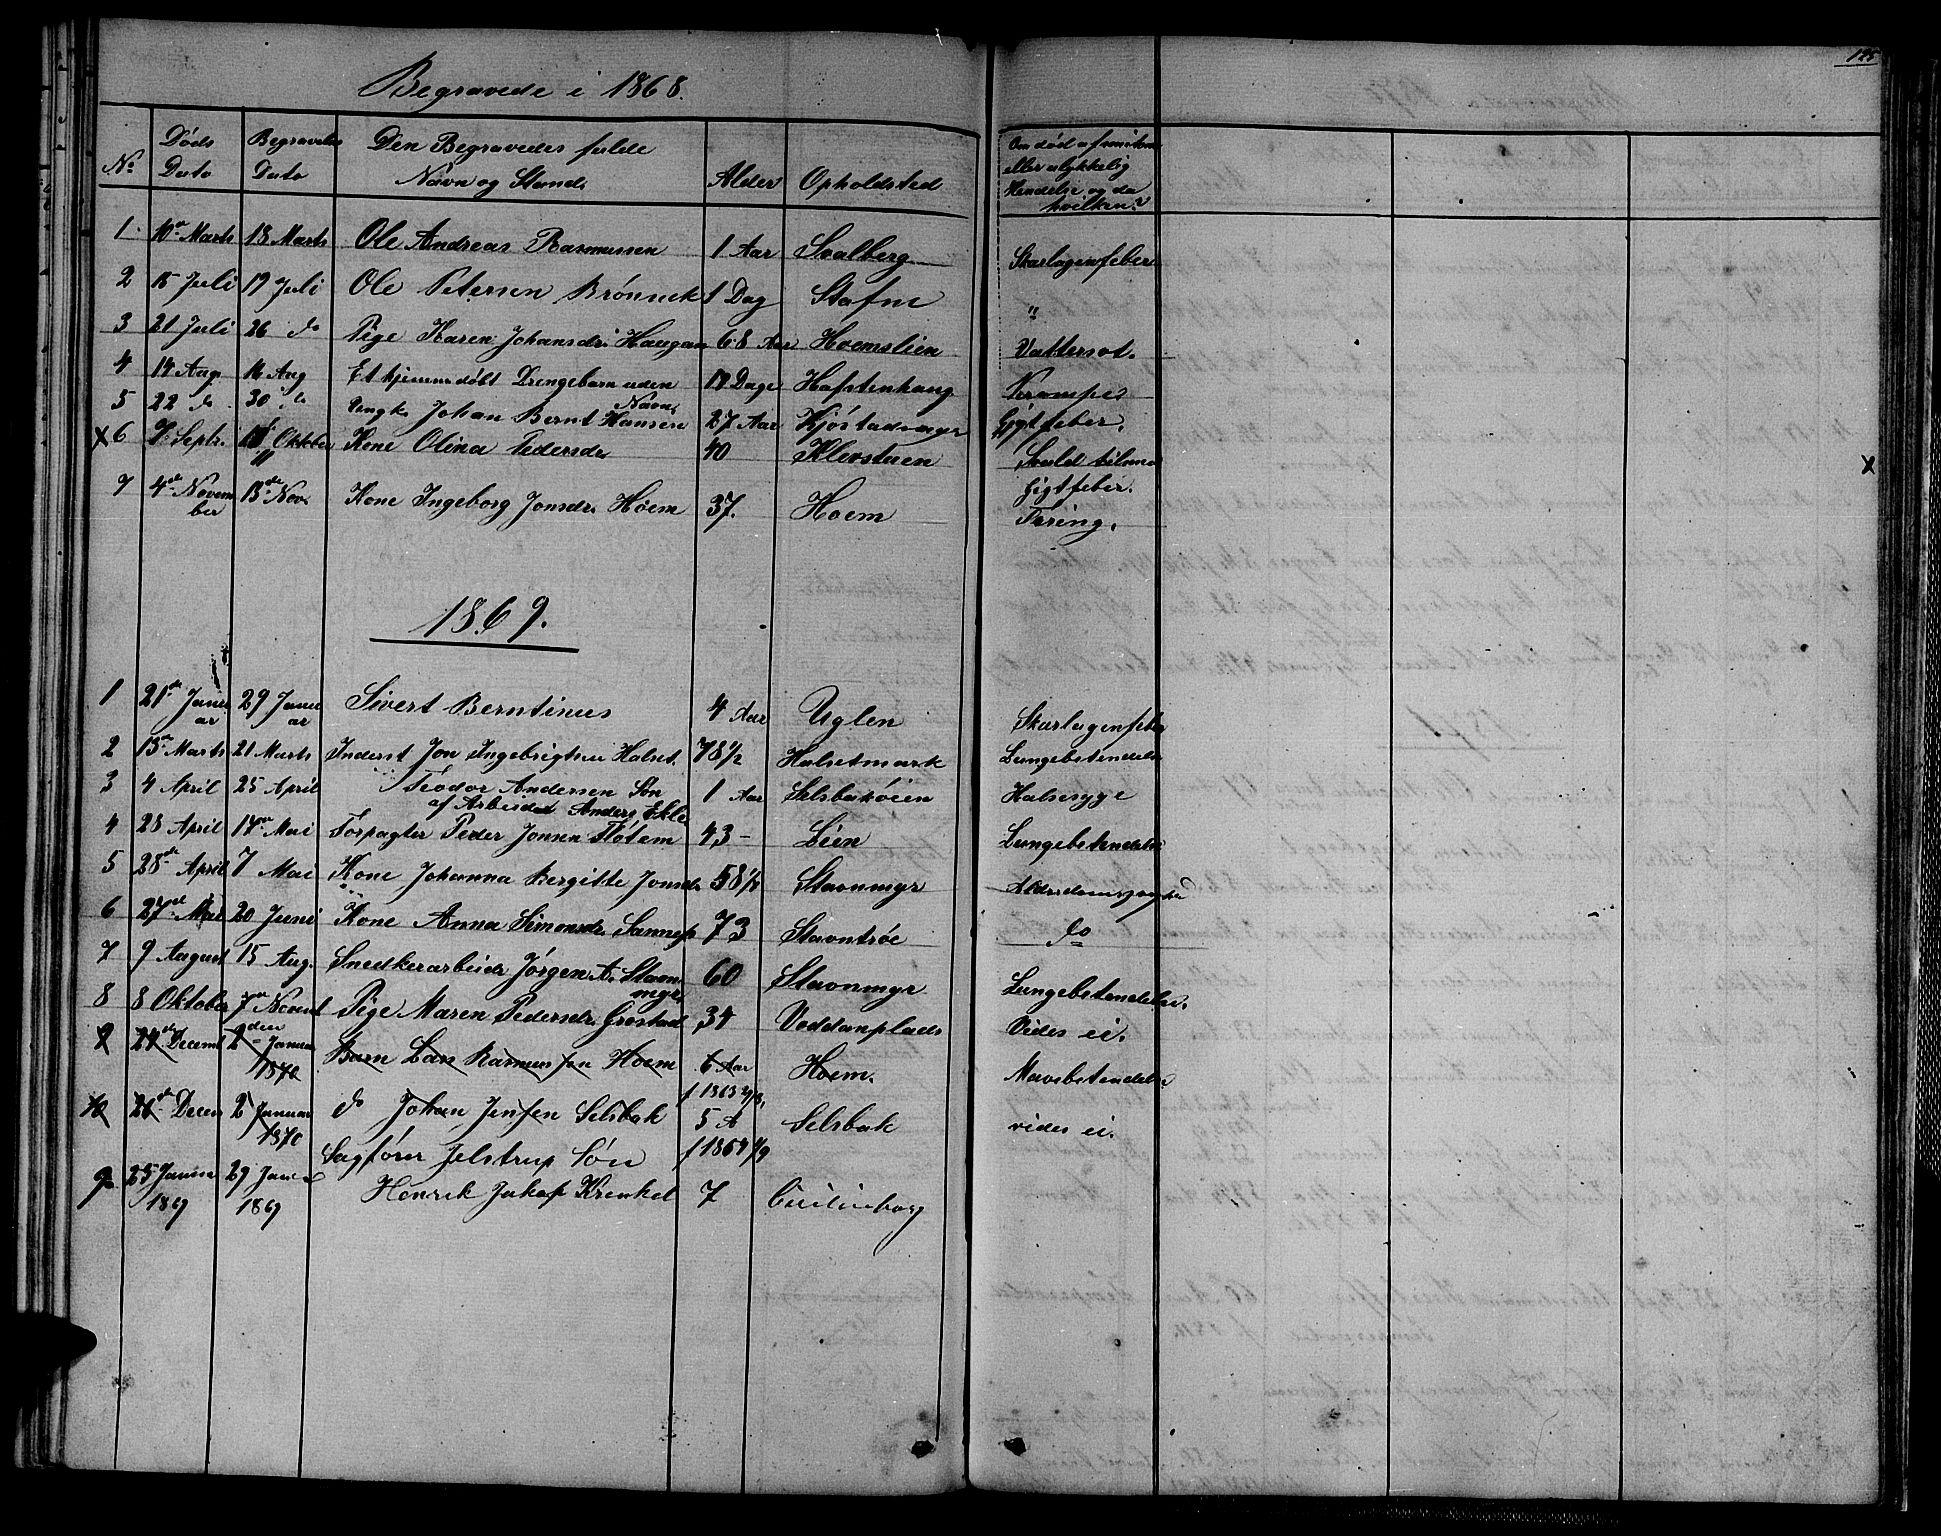 SAT, Ministerialprotokoller, klokkerbøker og fødselsregistre - Sør-Trøndelag, 611/L0353: Klokkerbok nr. 611C01, 1854-1881, s. 125